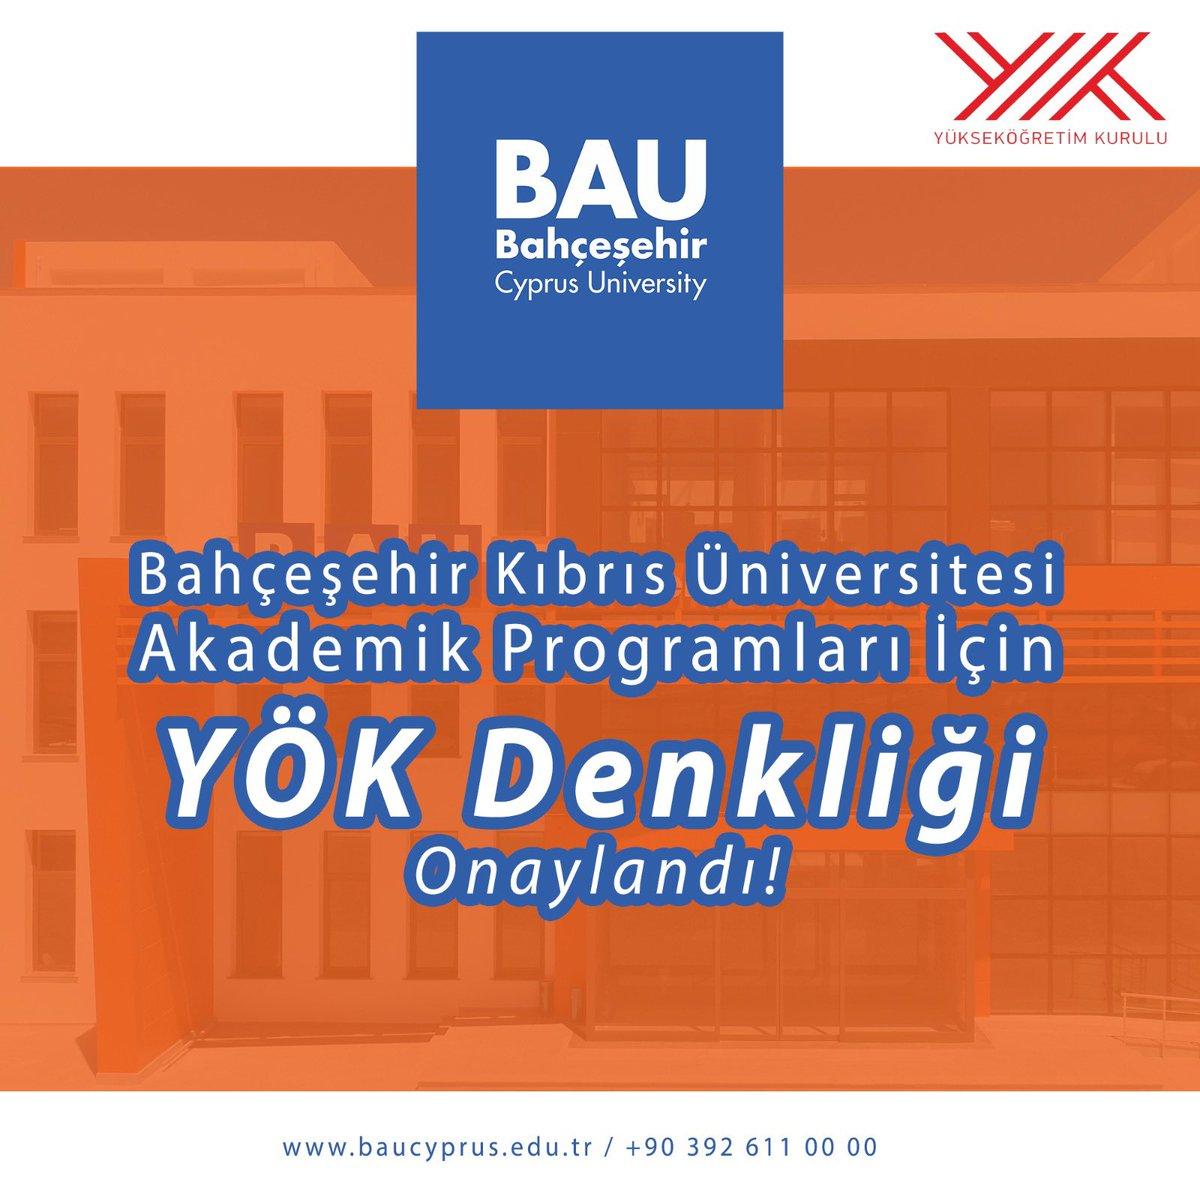 Bahçeşehir Kıbrıs Üniversitesi akademik programları için YÖK denkliği onaylandı👏 #bau #baucyprus #baufamily #welovebau https://t.co/7VZIOZ0v40